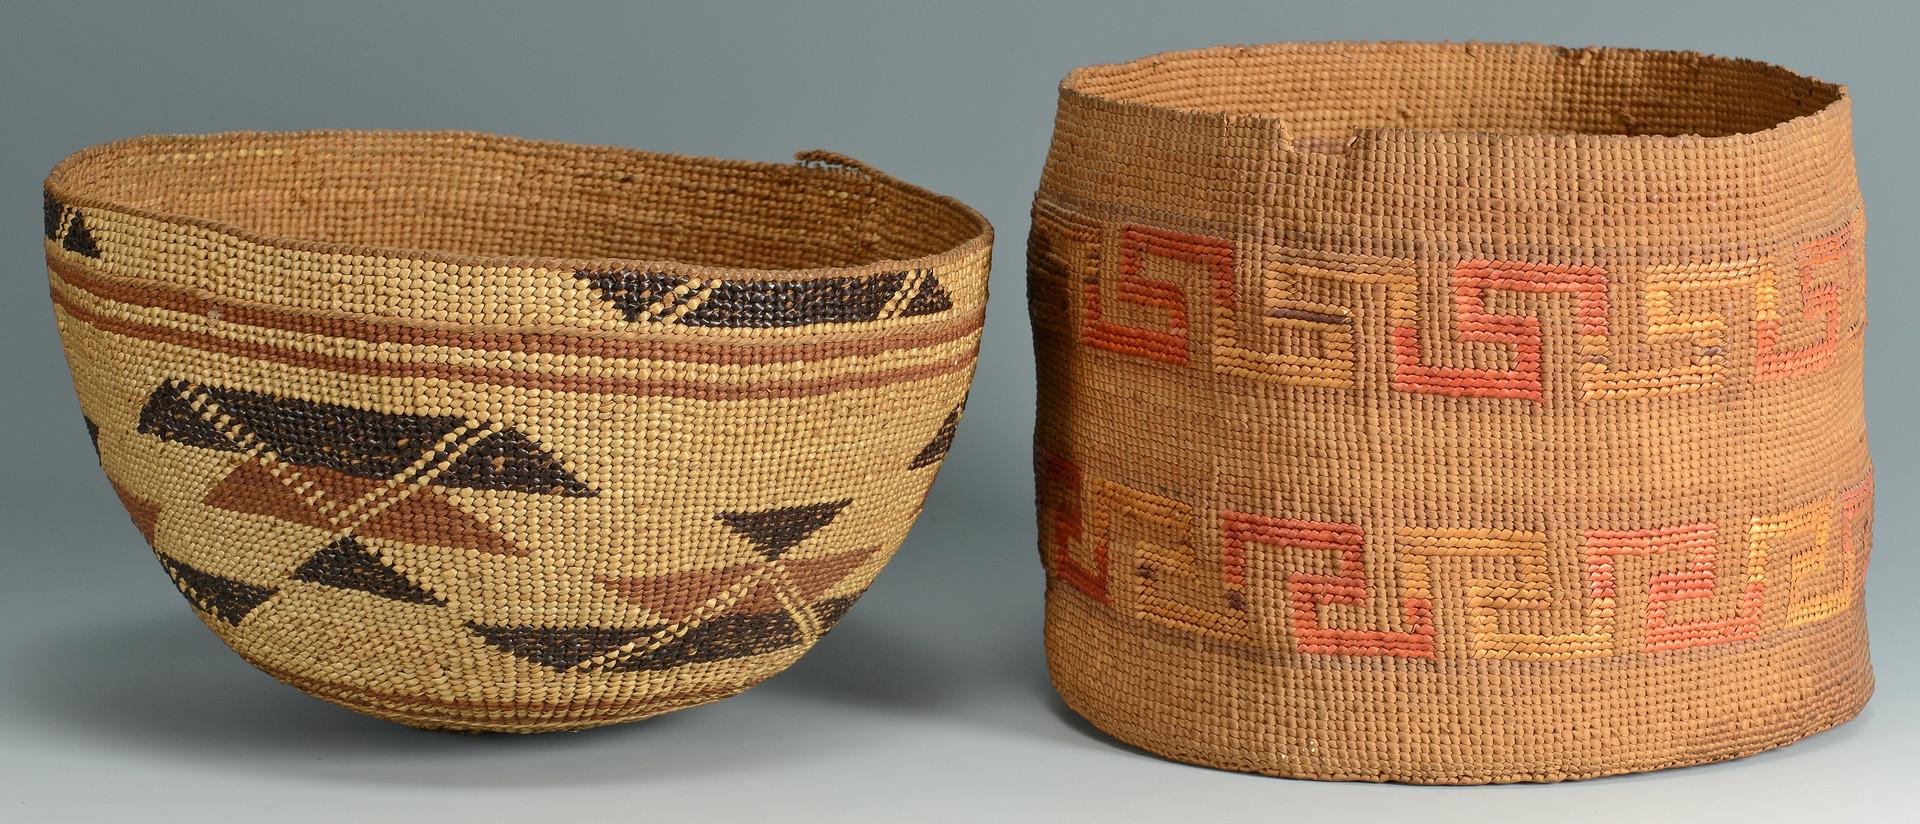 Lot 342: 2 Northwest Indian Baskets, Tlinglet or Karok